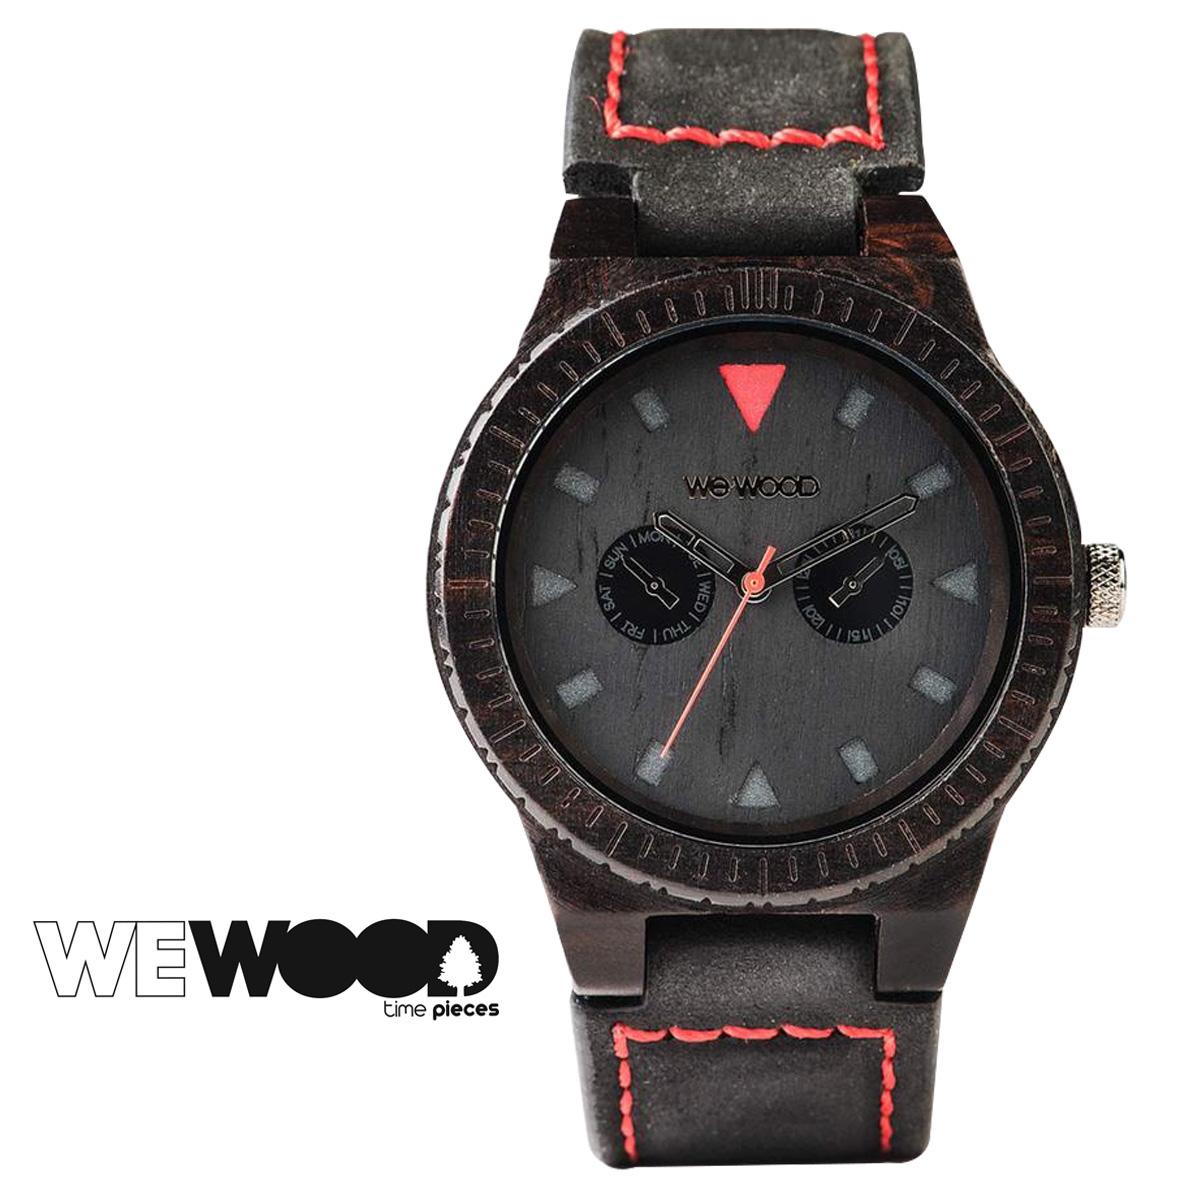 ウィーウッド 腕時計 レディース WEWOOD LEO TERRA ブラック BLACK メンズ